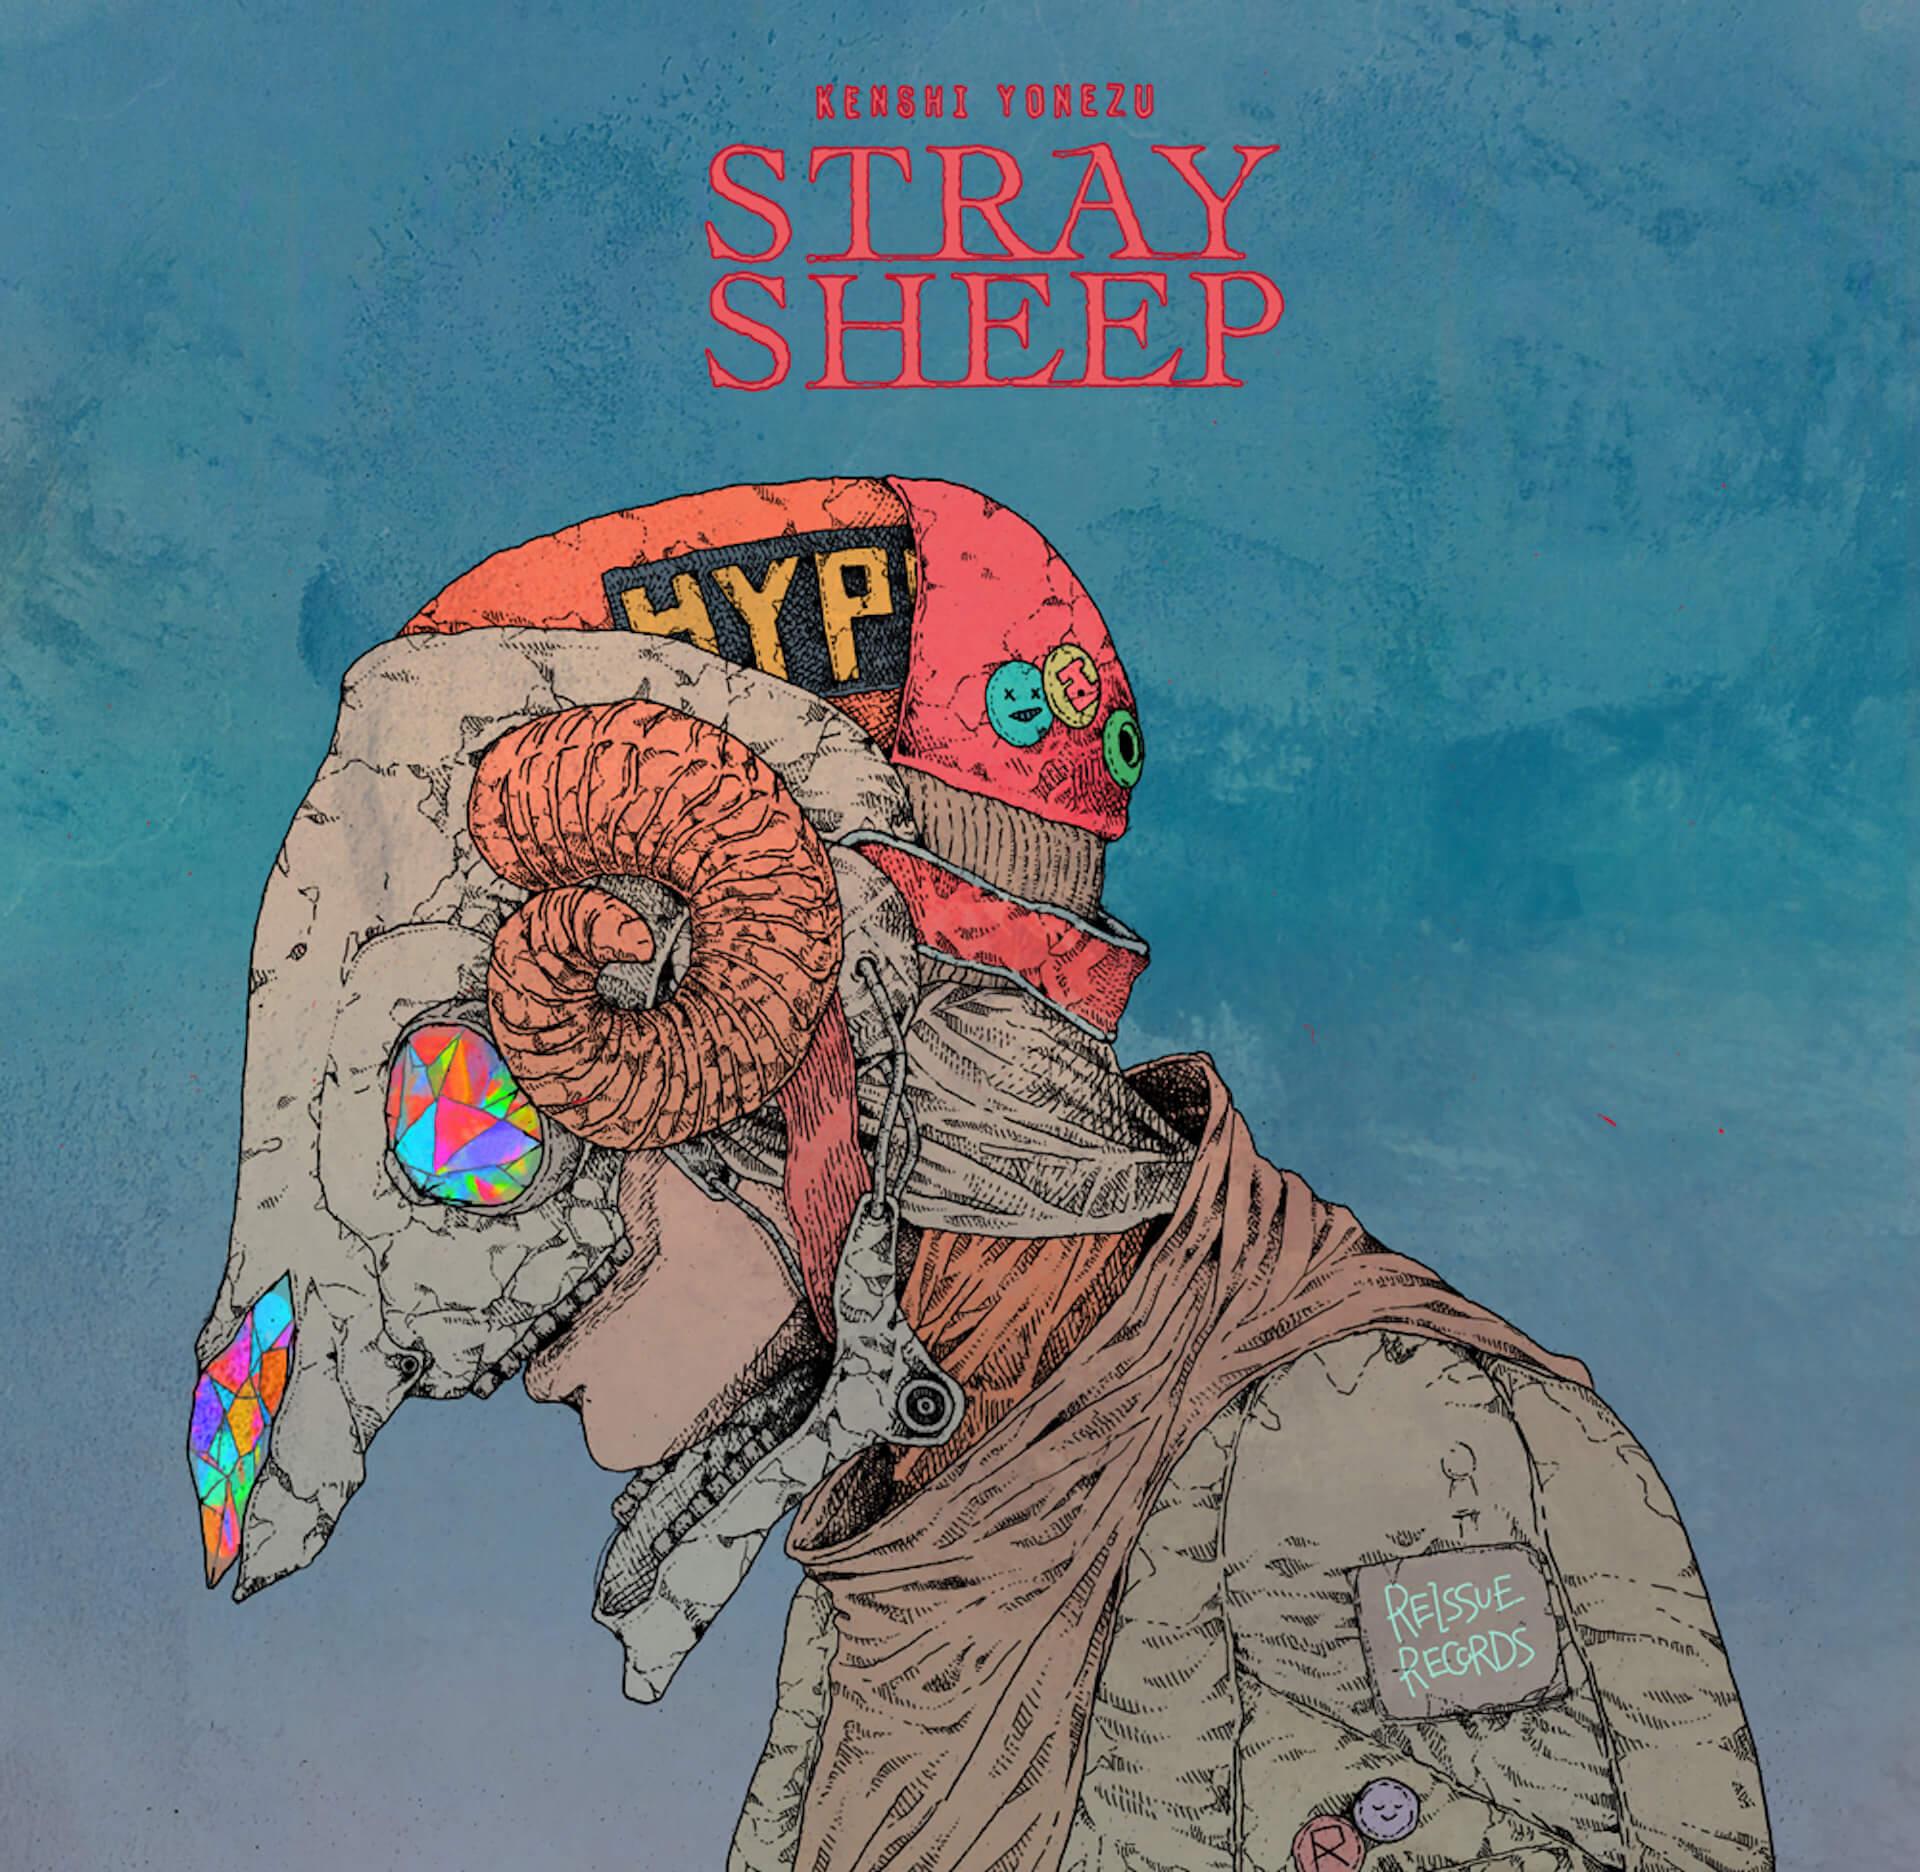 米津玄師『STRAY SHEEP』が2020年の音楽シーンを席巻!22冠達成で『フォートナイト』でのライブ映像を使用した新CMも放送開始 music201221_yonezukenshi_9